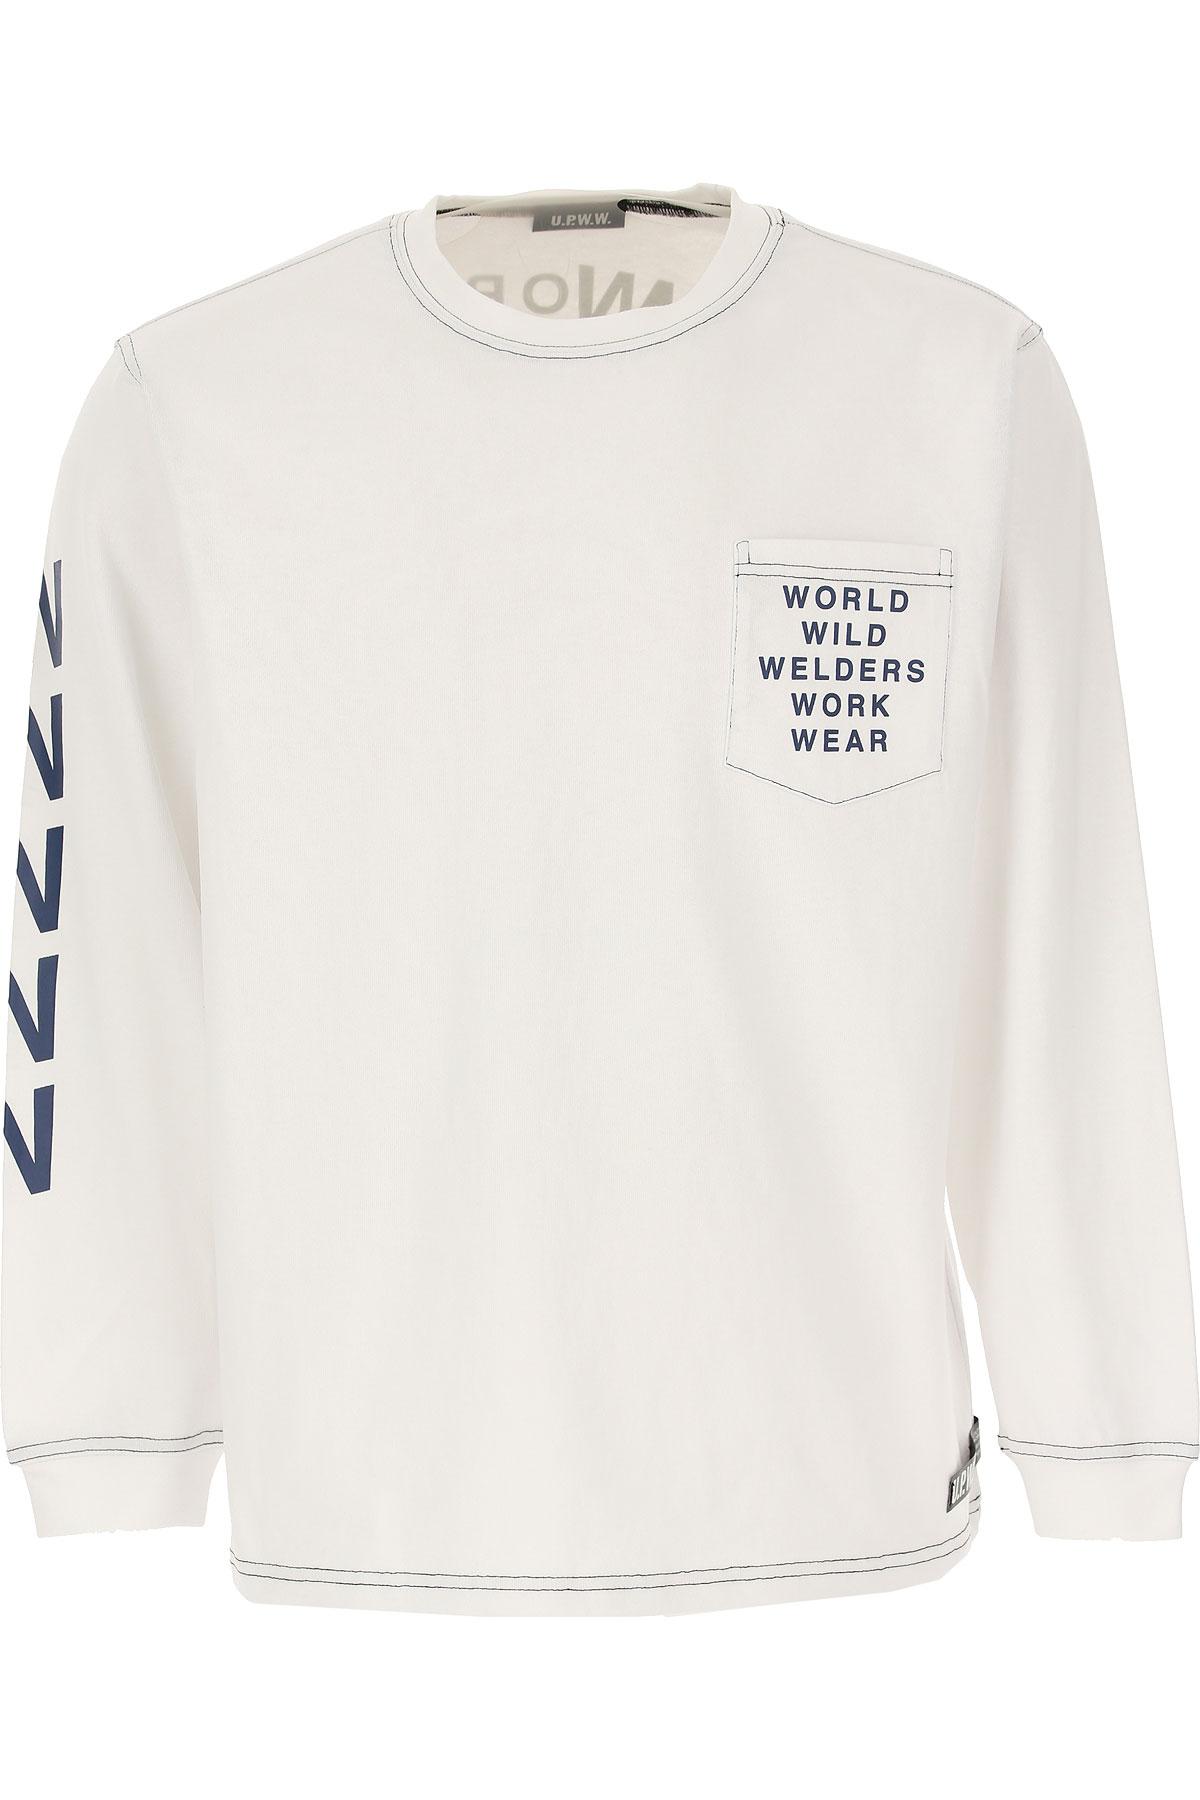 U.P.W.W. T-shirt Homme Pas cher en Soldes, Blanc, Coton, 2019, L M S